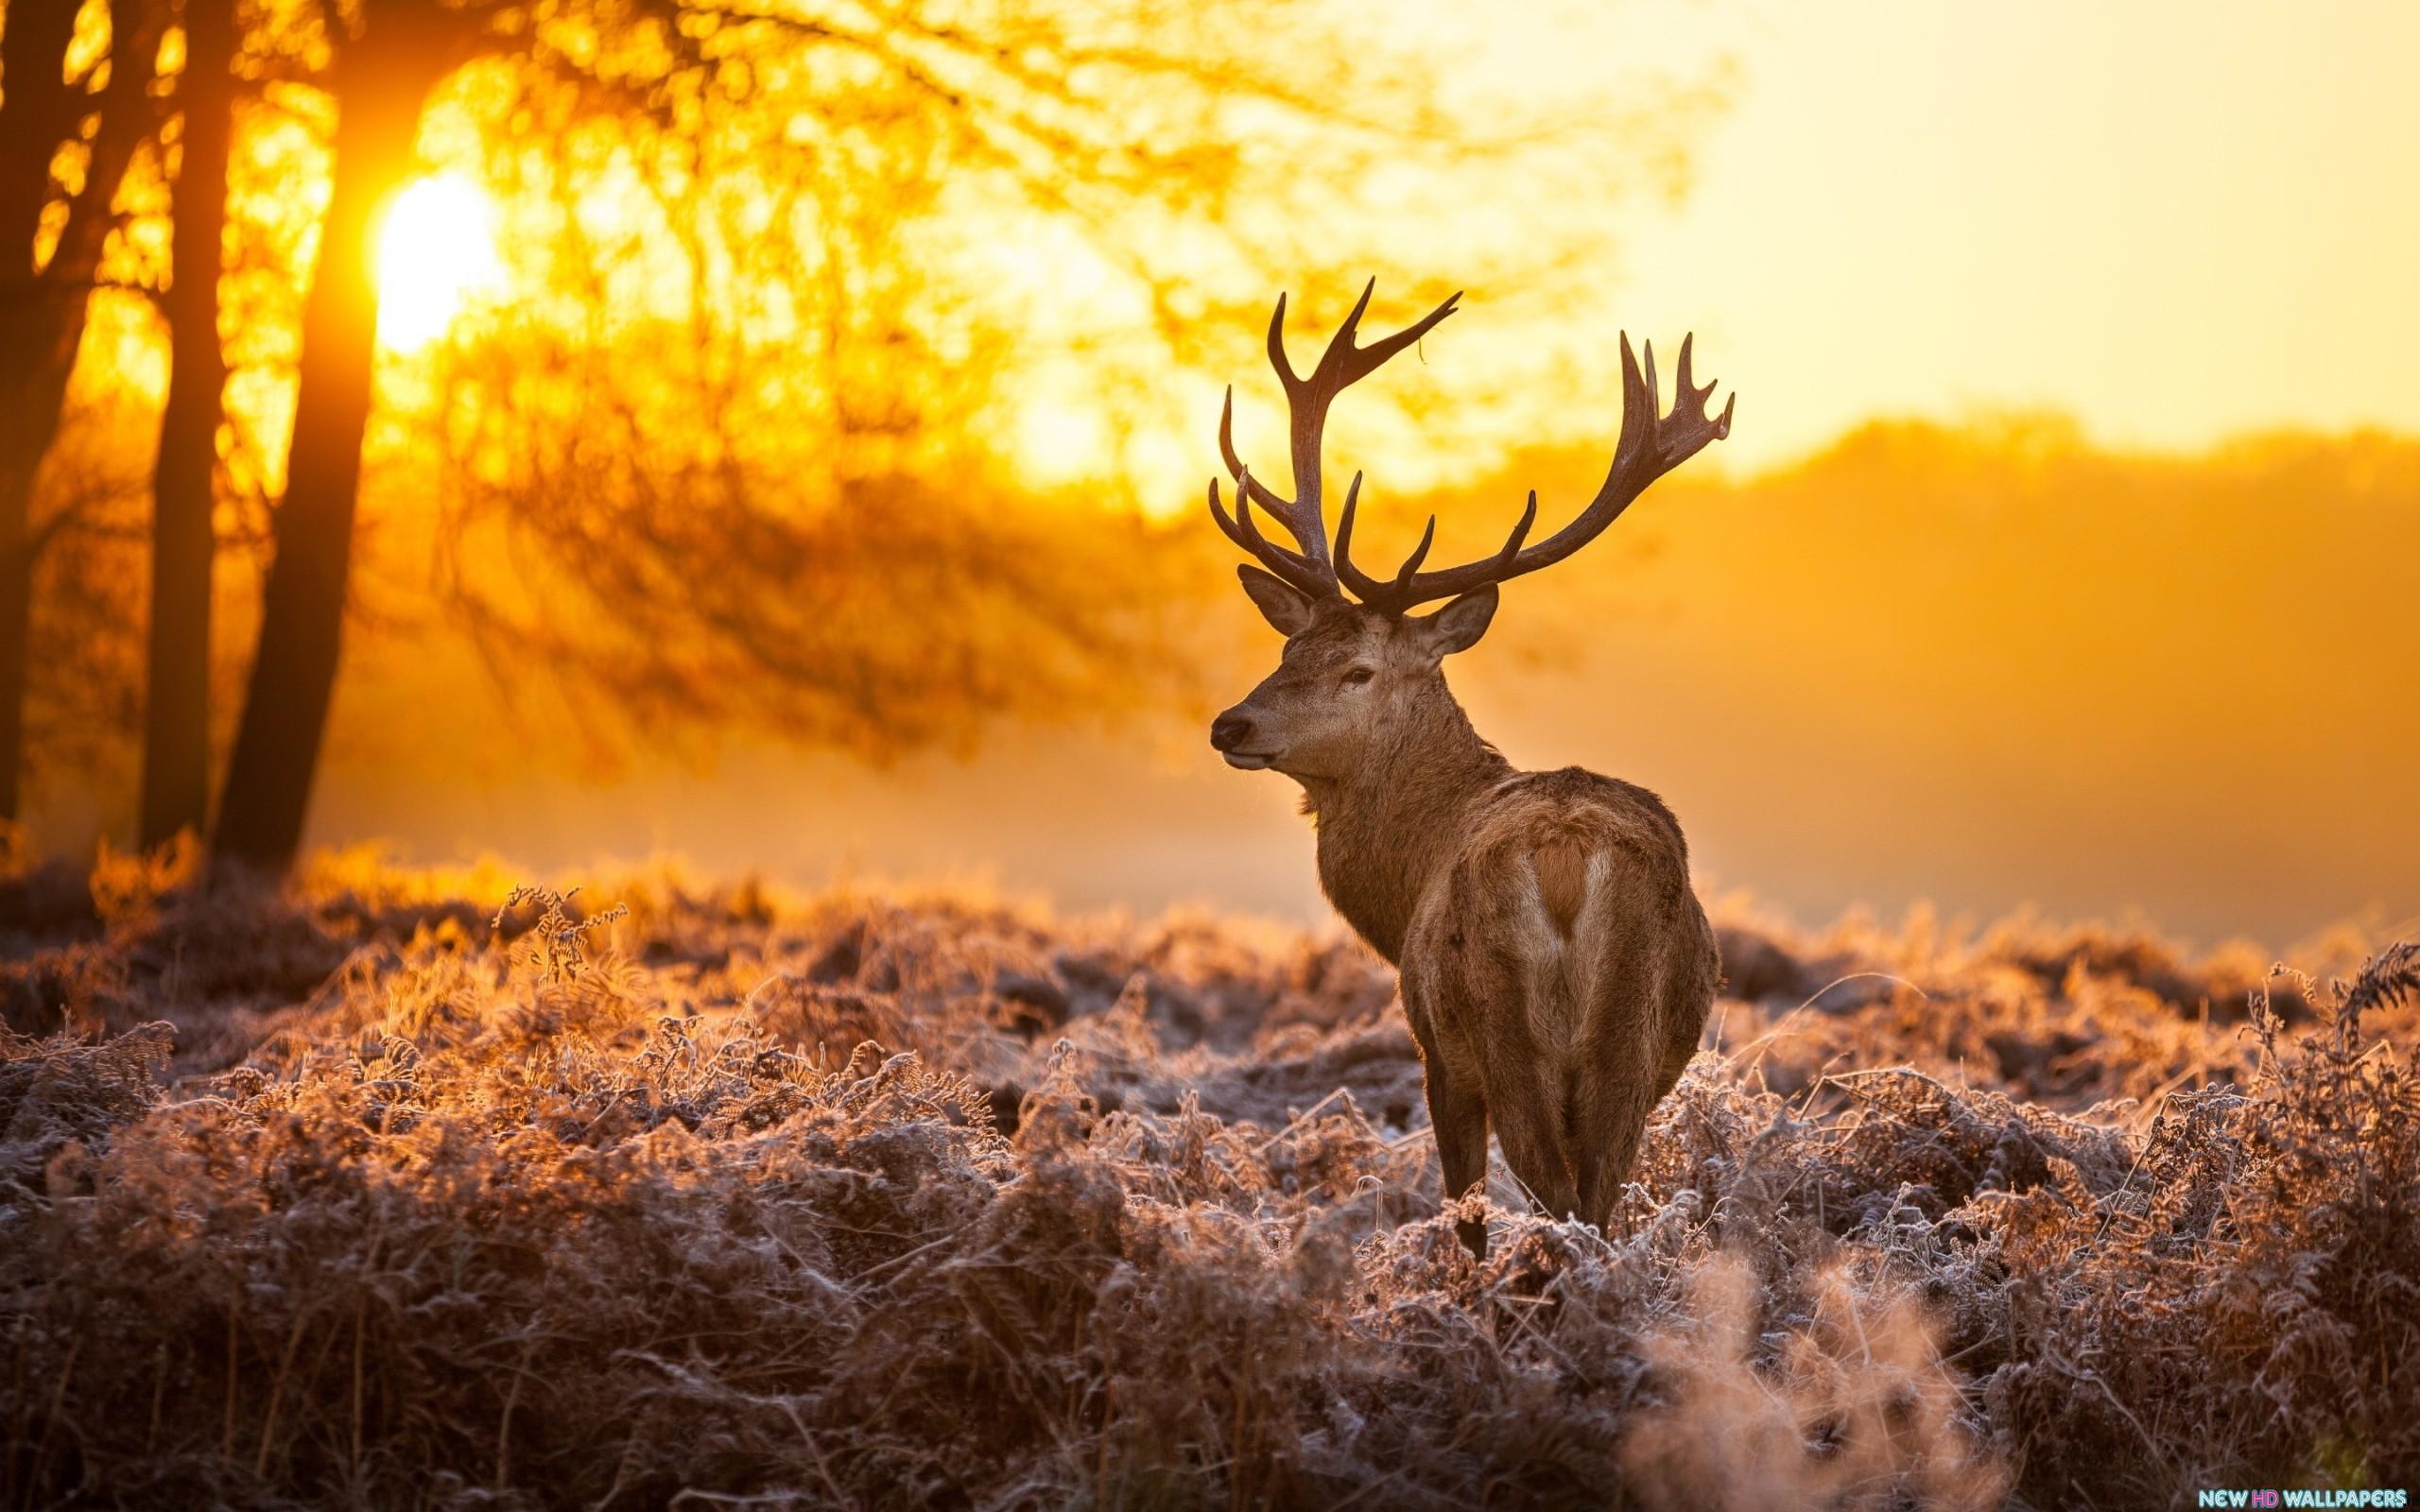 Deer Sunset Time HD wallpaper 2560x1600 ...